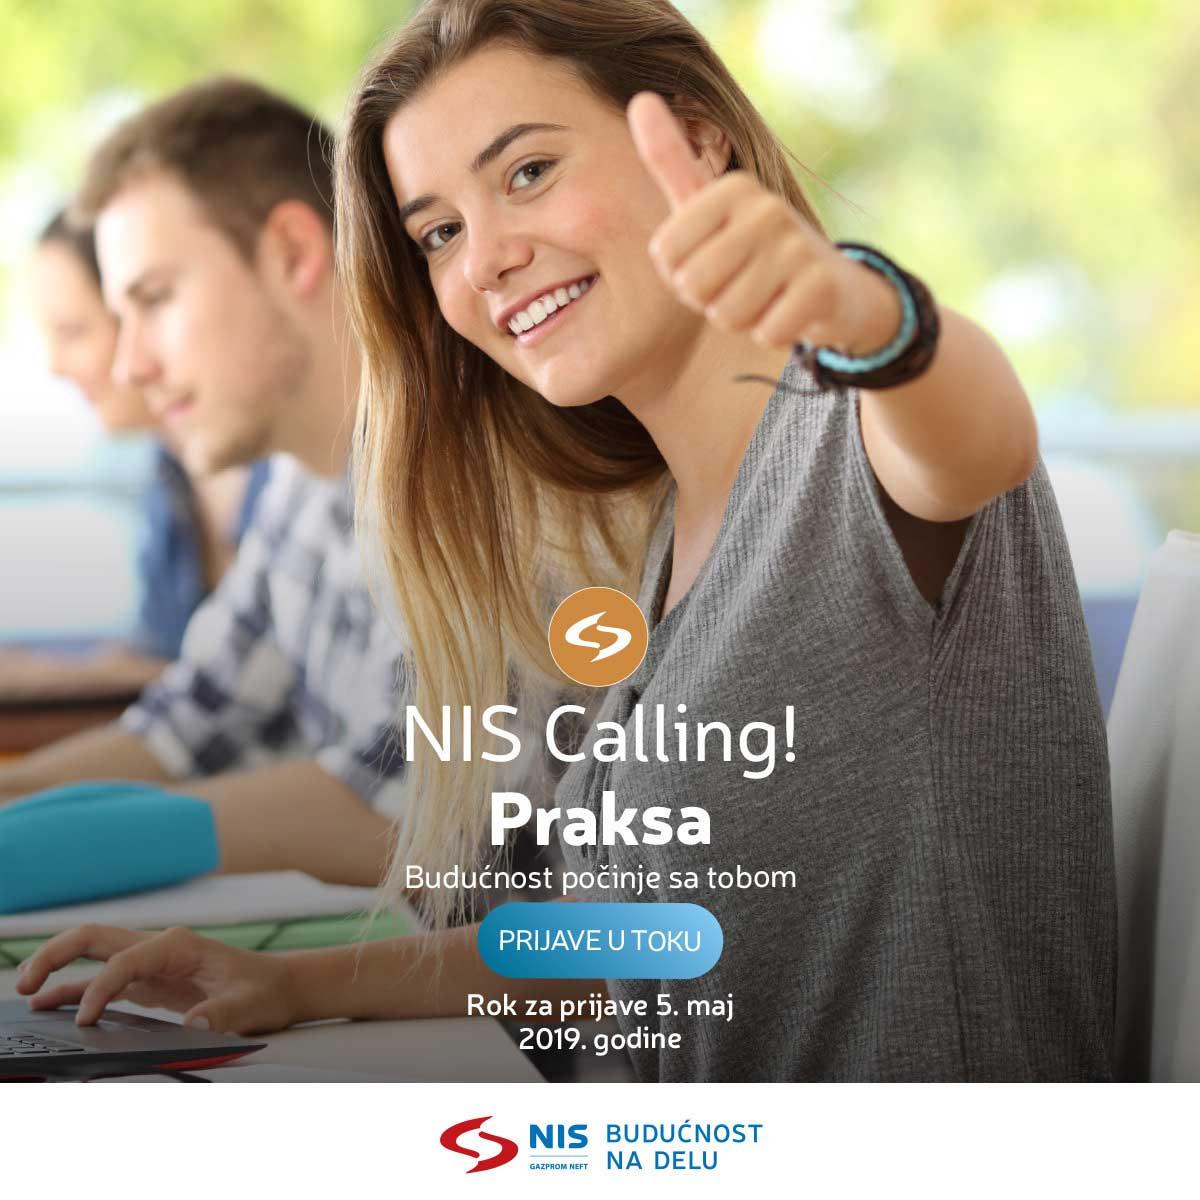 Нови програм студентске праксе у НИС-у